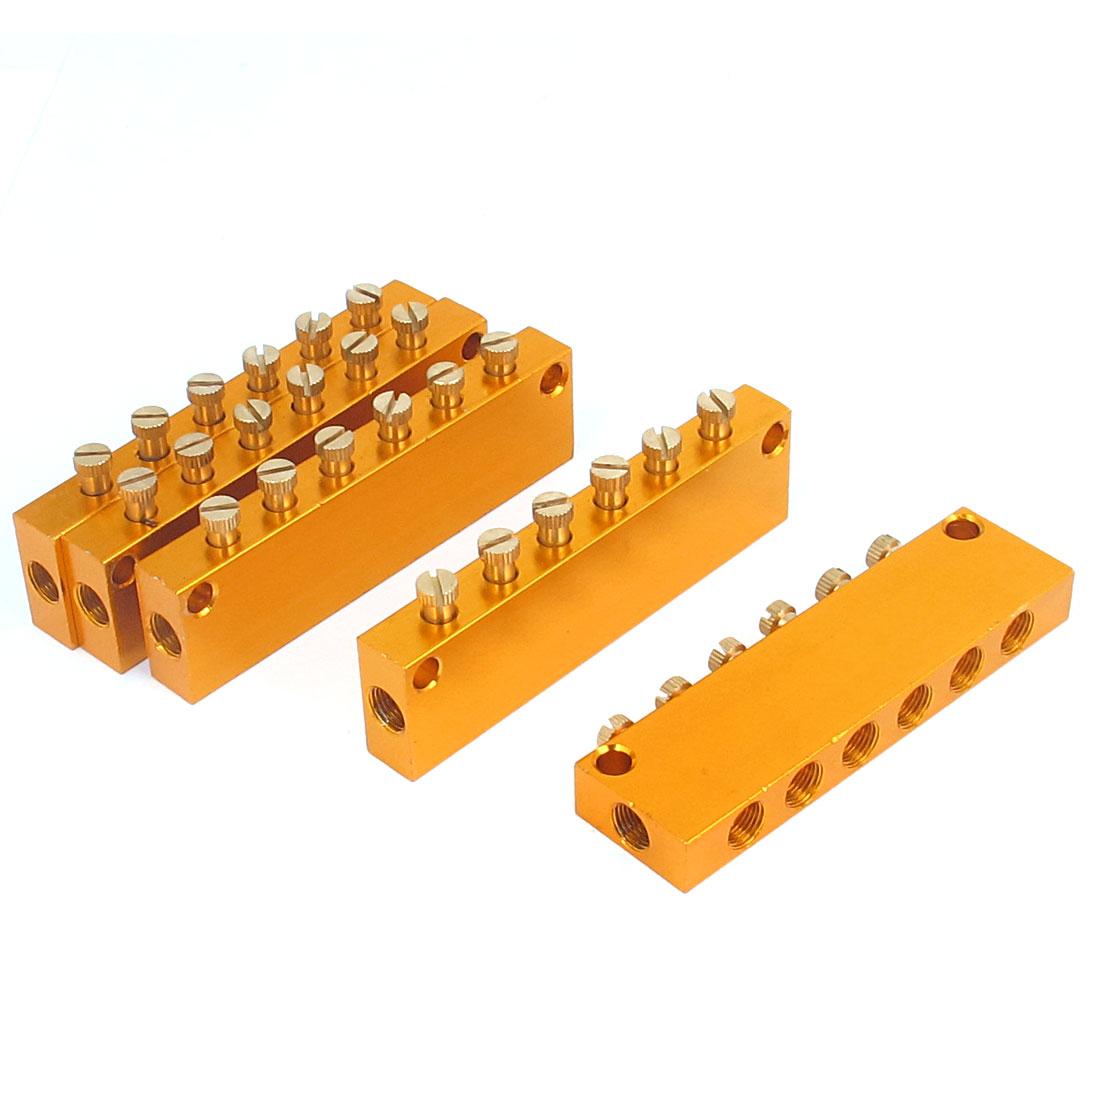 Aluminum Air Pneumatic Adjustable 6 Ways Oil Distributor Manifold Block 5pcs